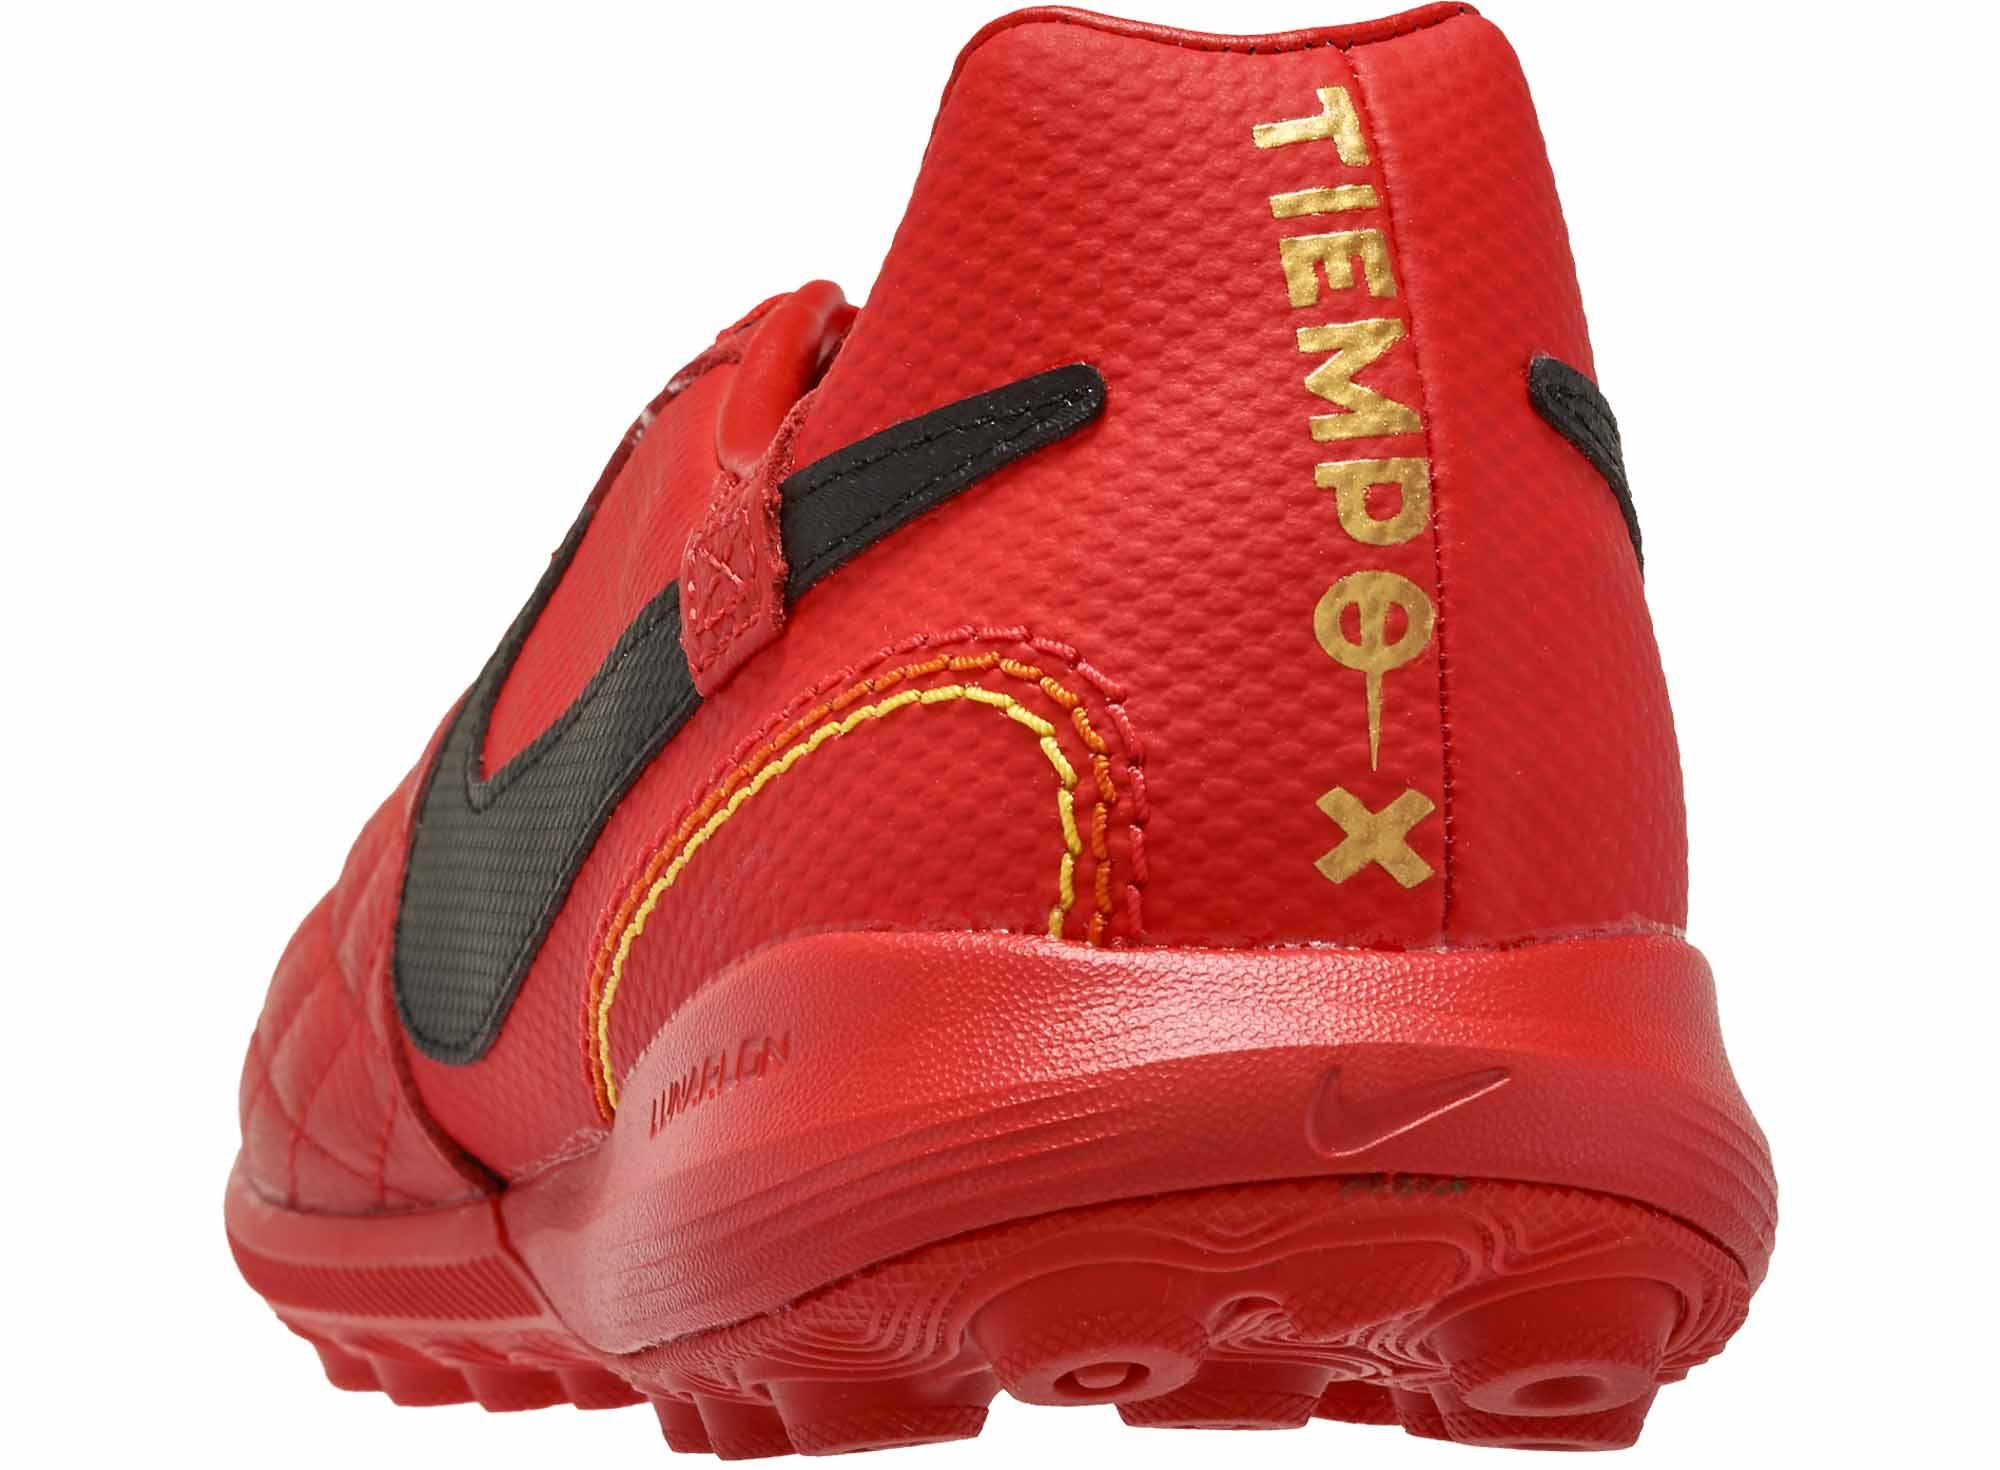 escritorio solo literalmente  Nike 10R TiempoX Lunar Legend 7 Pro TF - University Red/Black/Metallic Gold  - Soccer Master